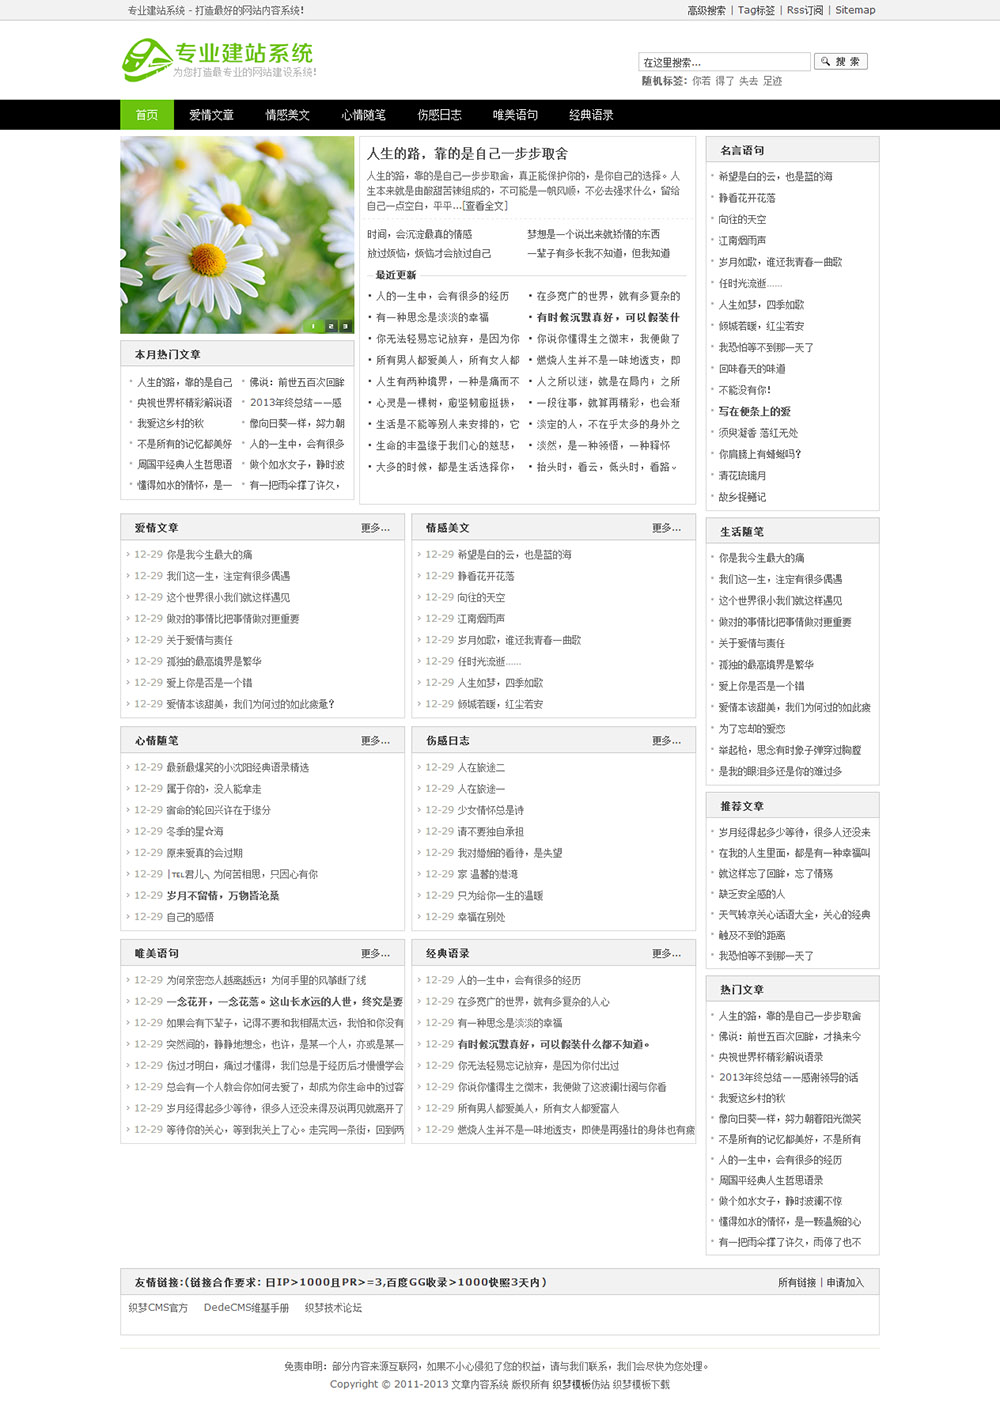 简单的黑绿色织梦dedecms CMS资讯模板